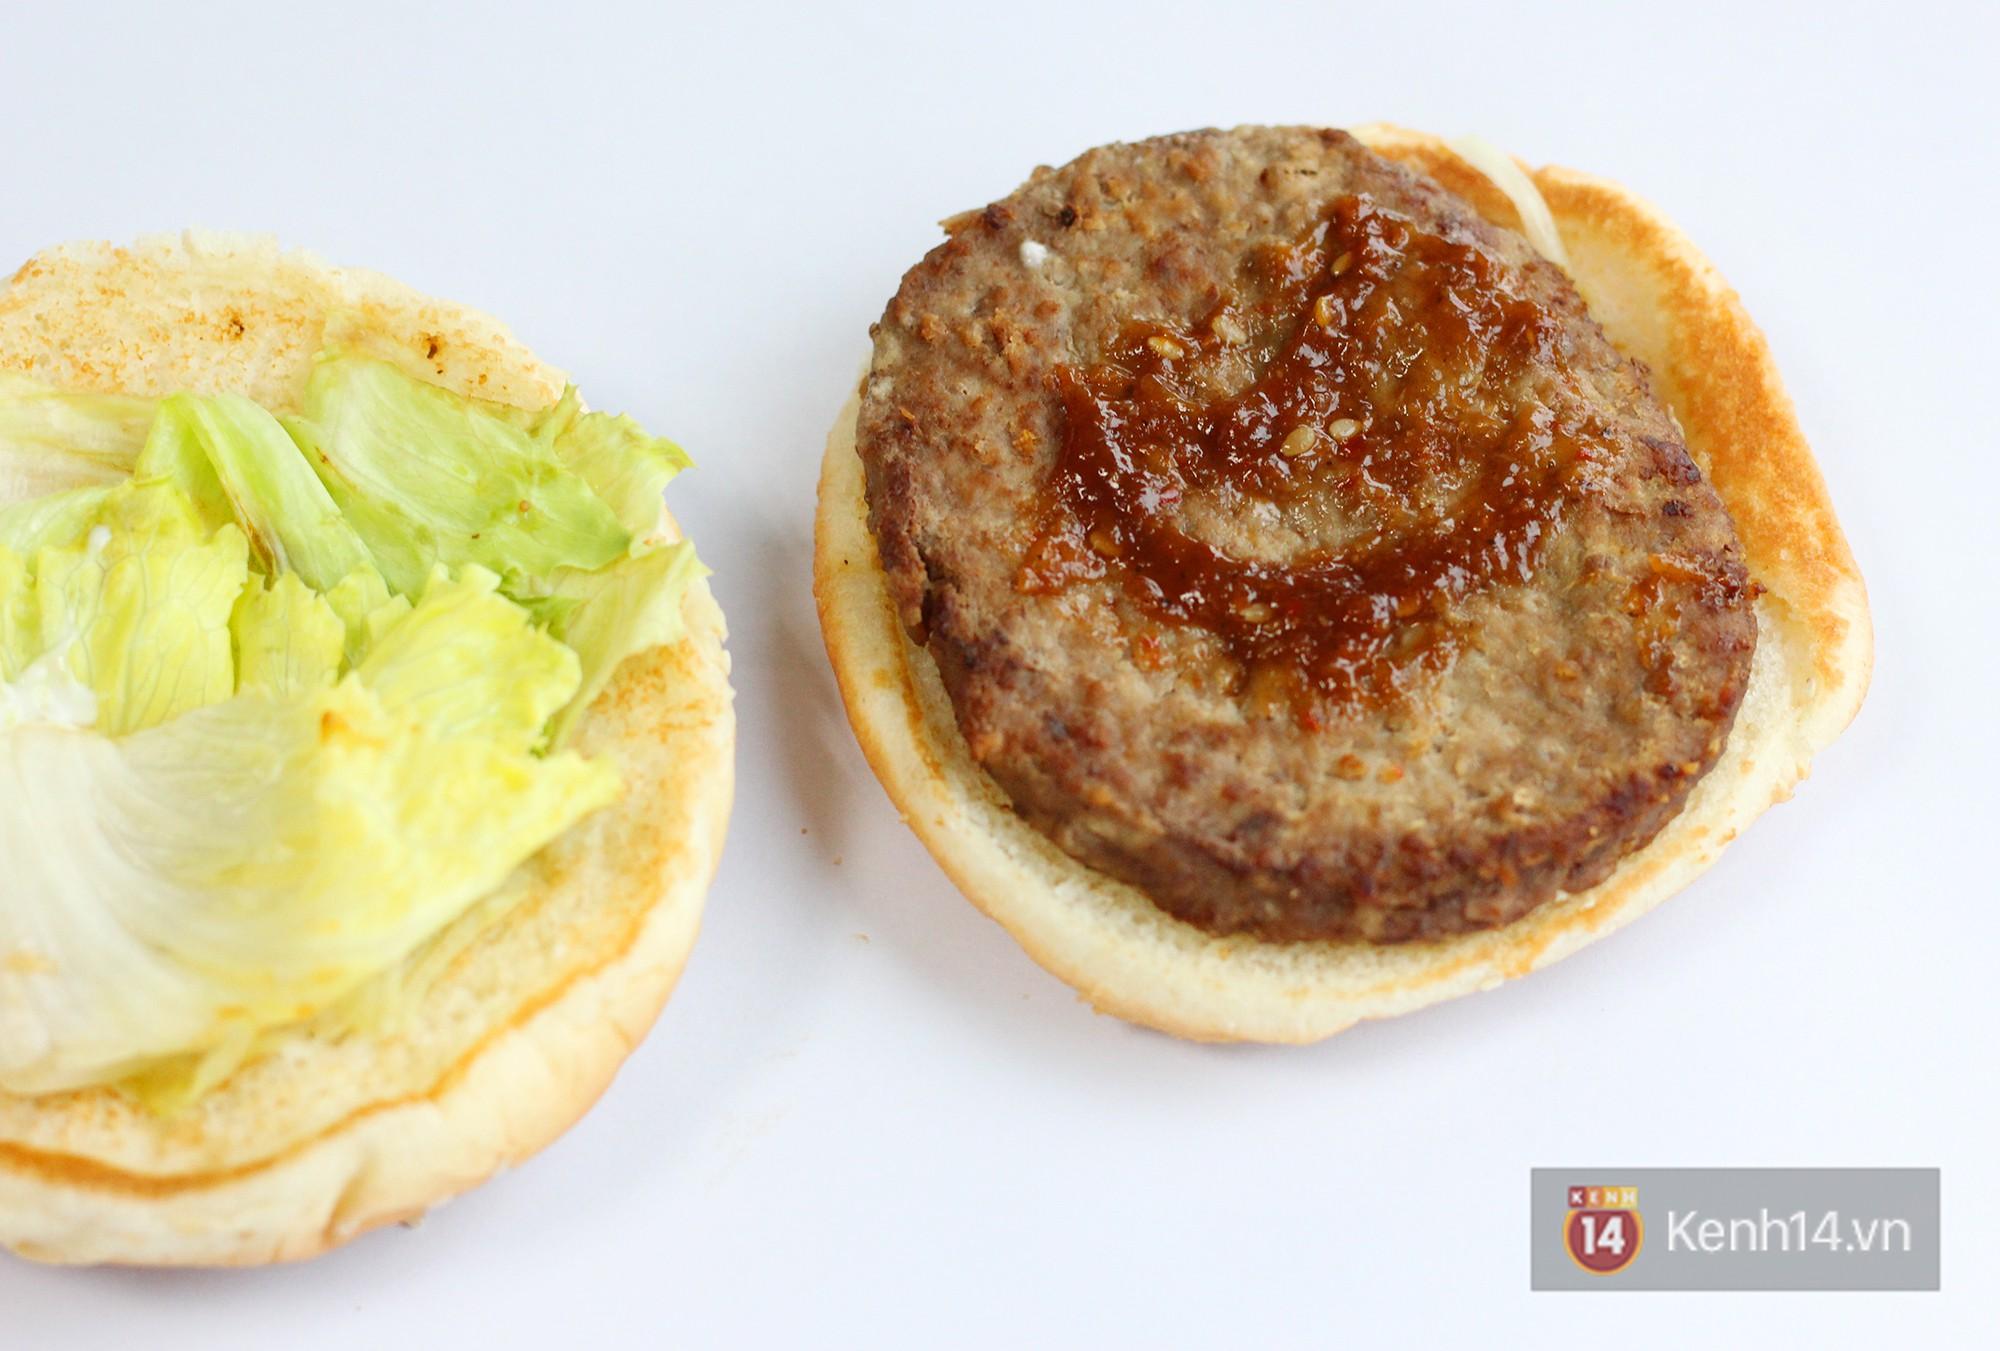 Xem sự khác biệt giữa quảng cáo và thực tế của burger ở Việt Nam để thấy đúng là đời không như mơ - Ảnh 14.